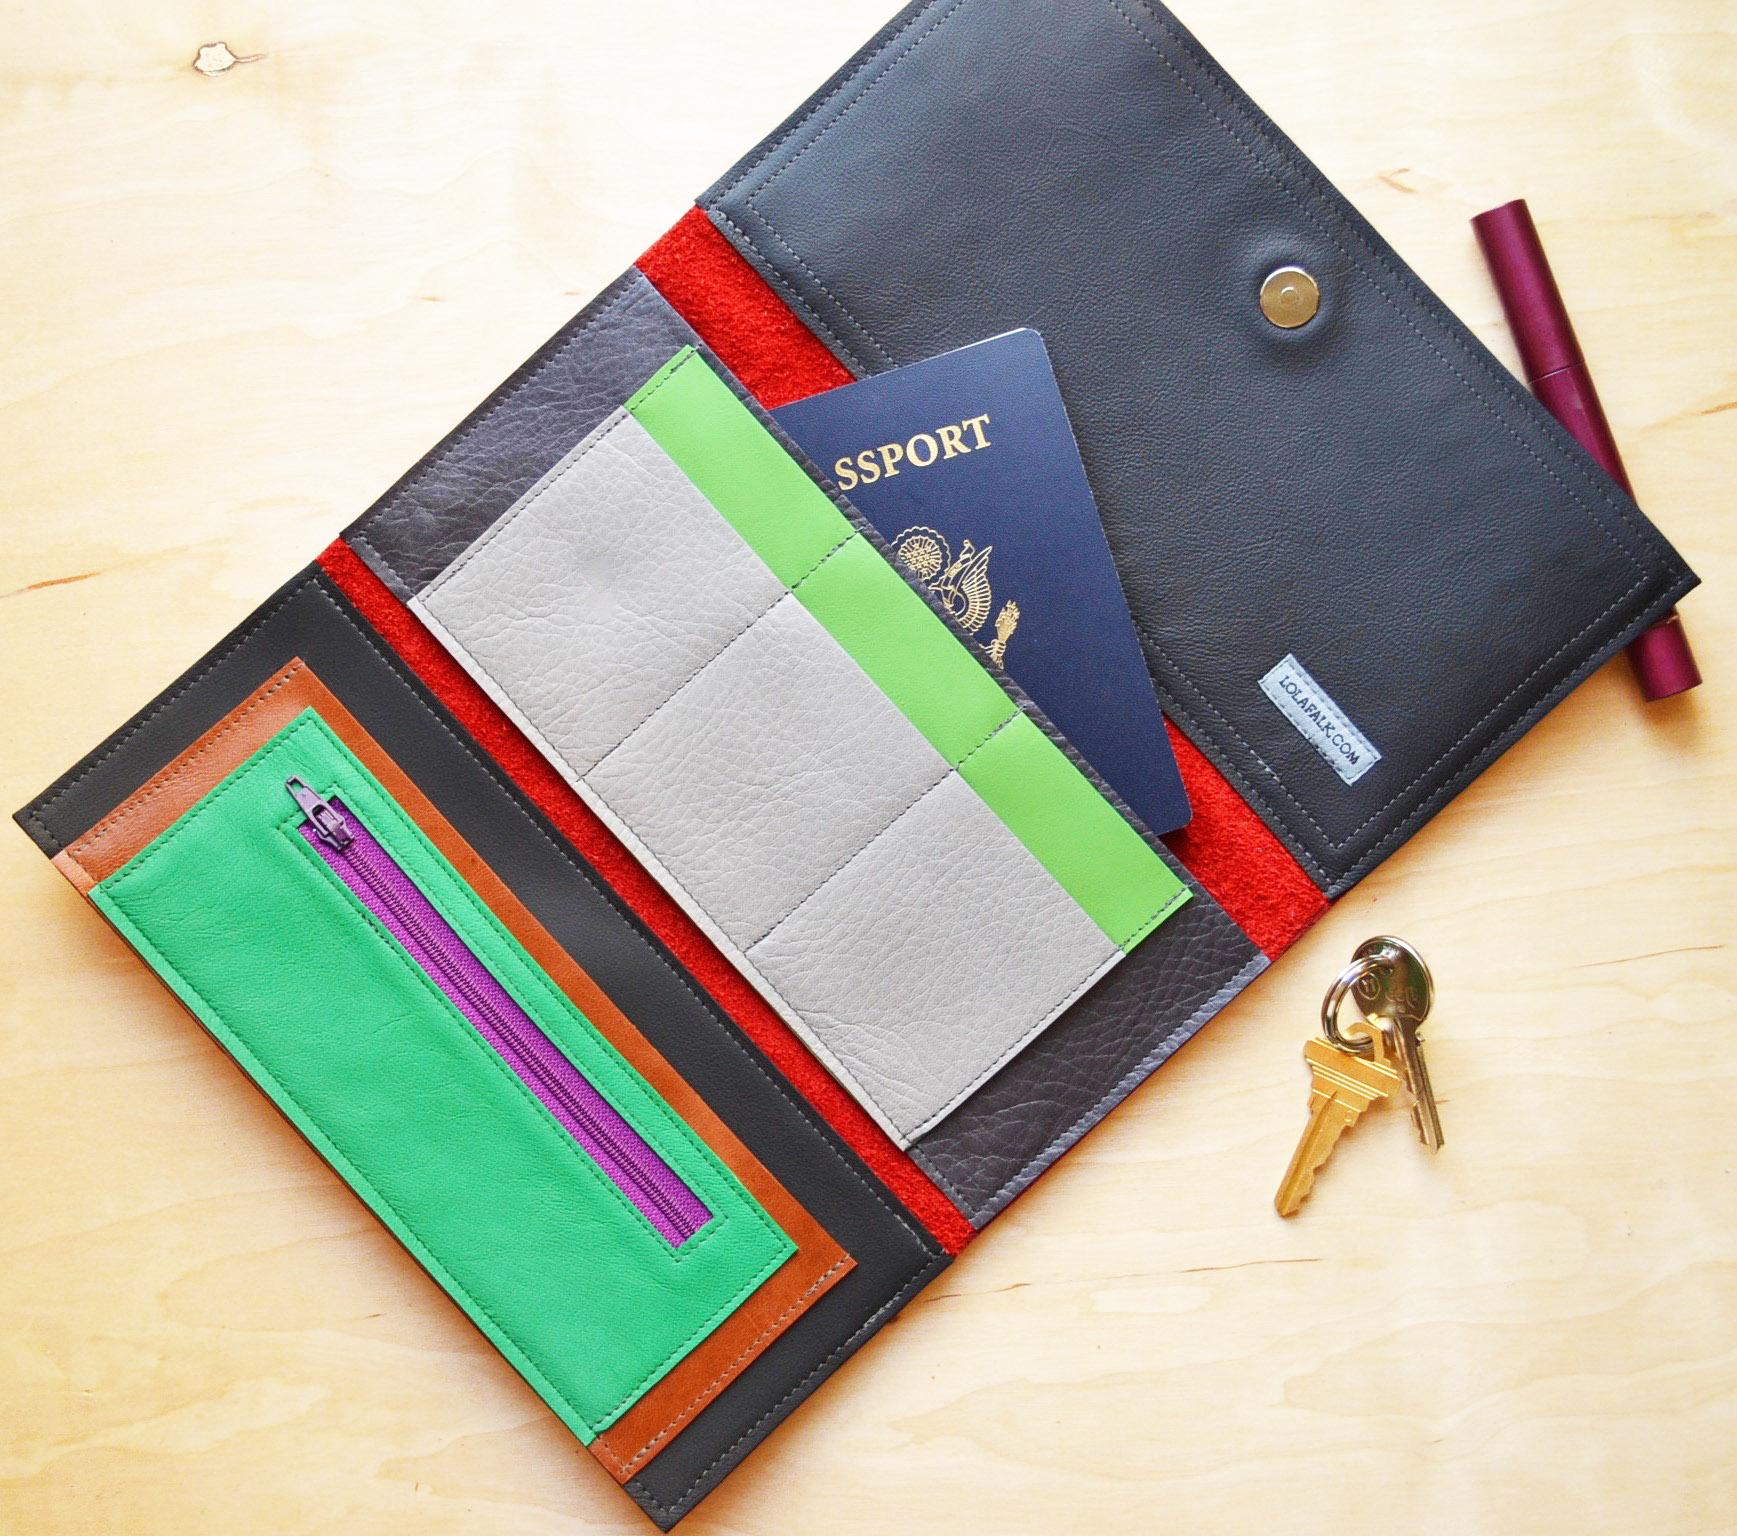 Stella Travel Wallet Interior with passport